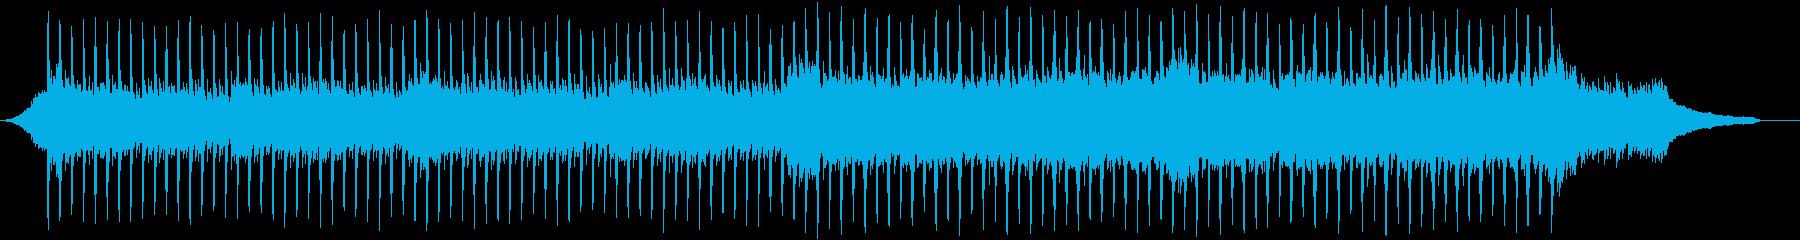 企業VP系78、爽やかピアノ、4つ打ちbの再生済みの波形